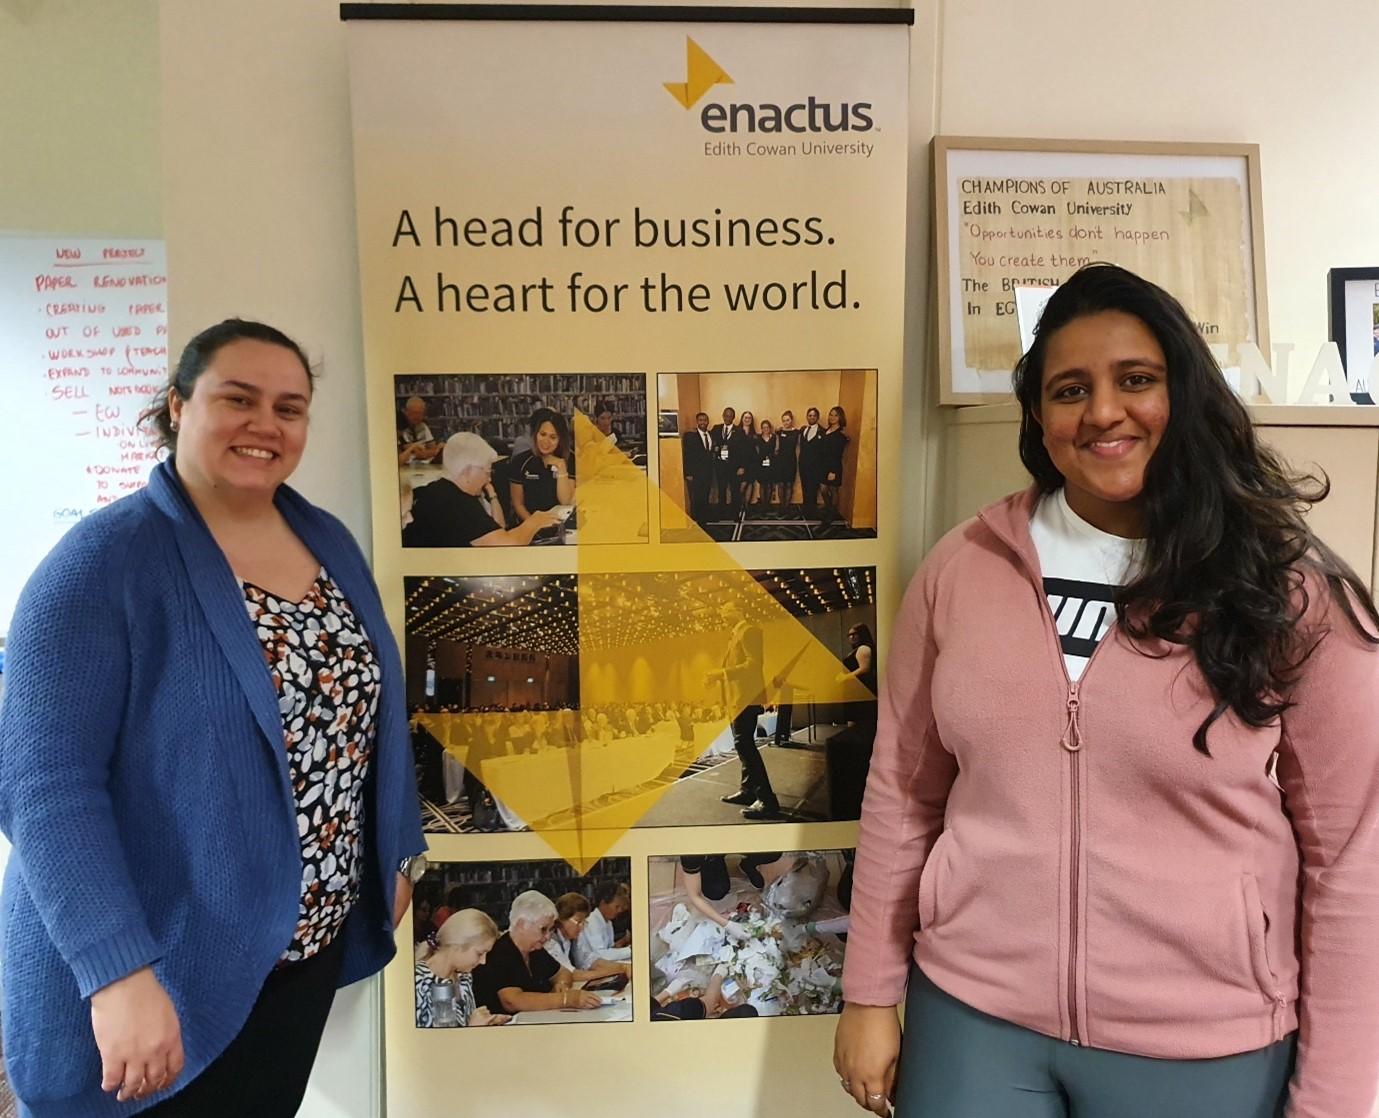 Enactus ECU Leadership Elected - August 2020